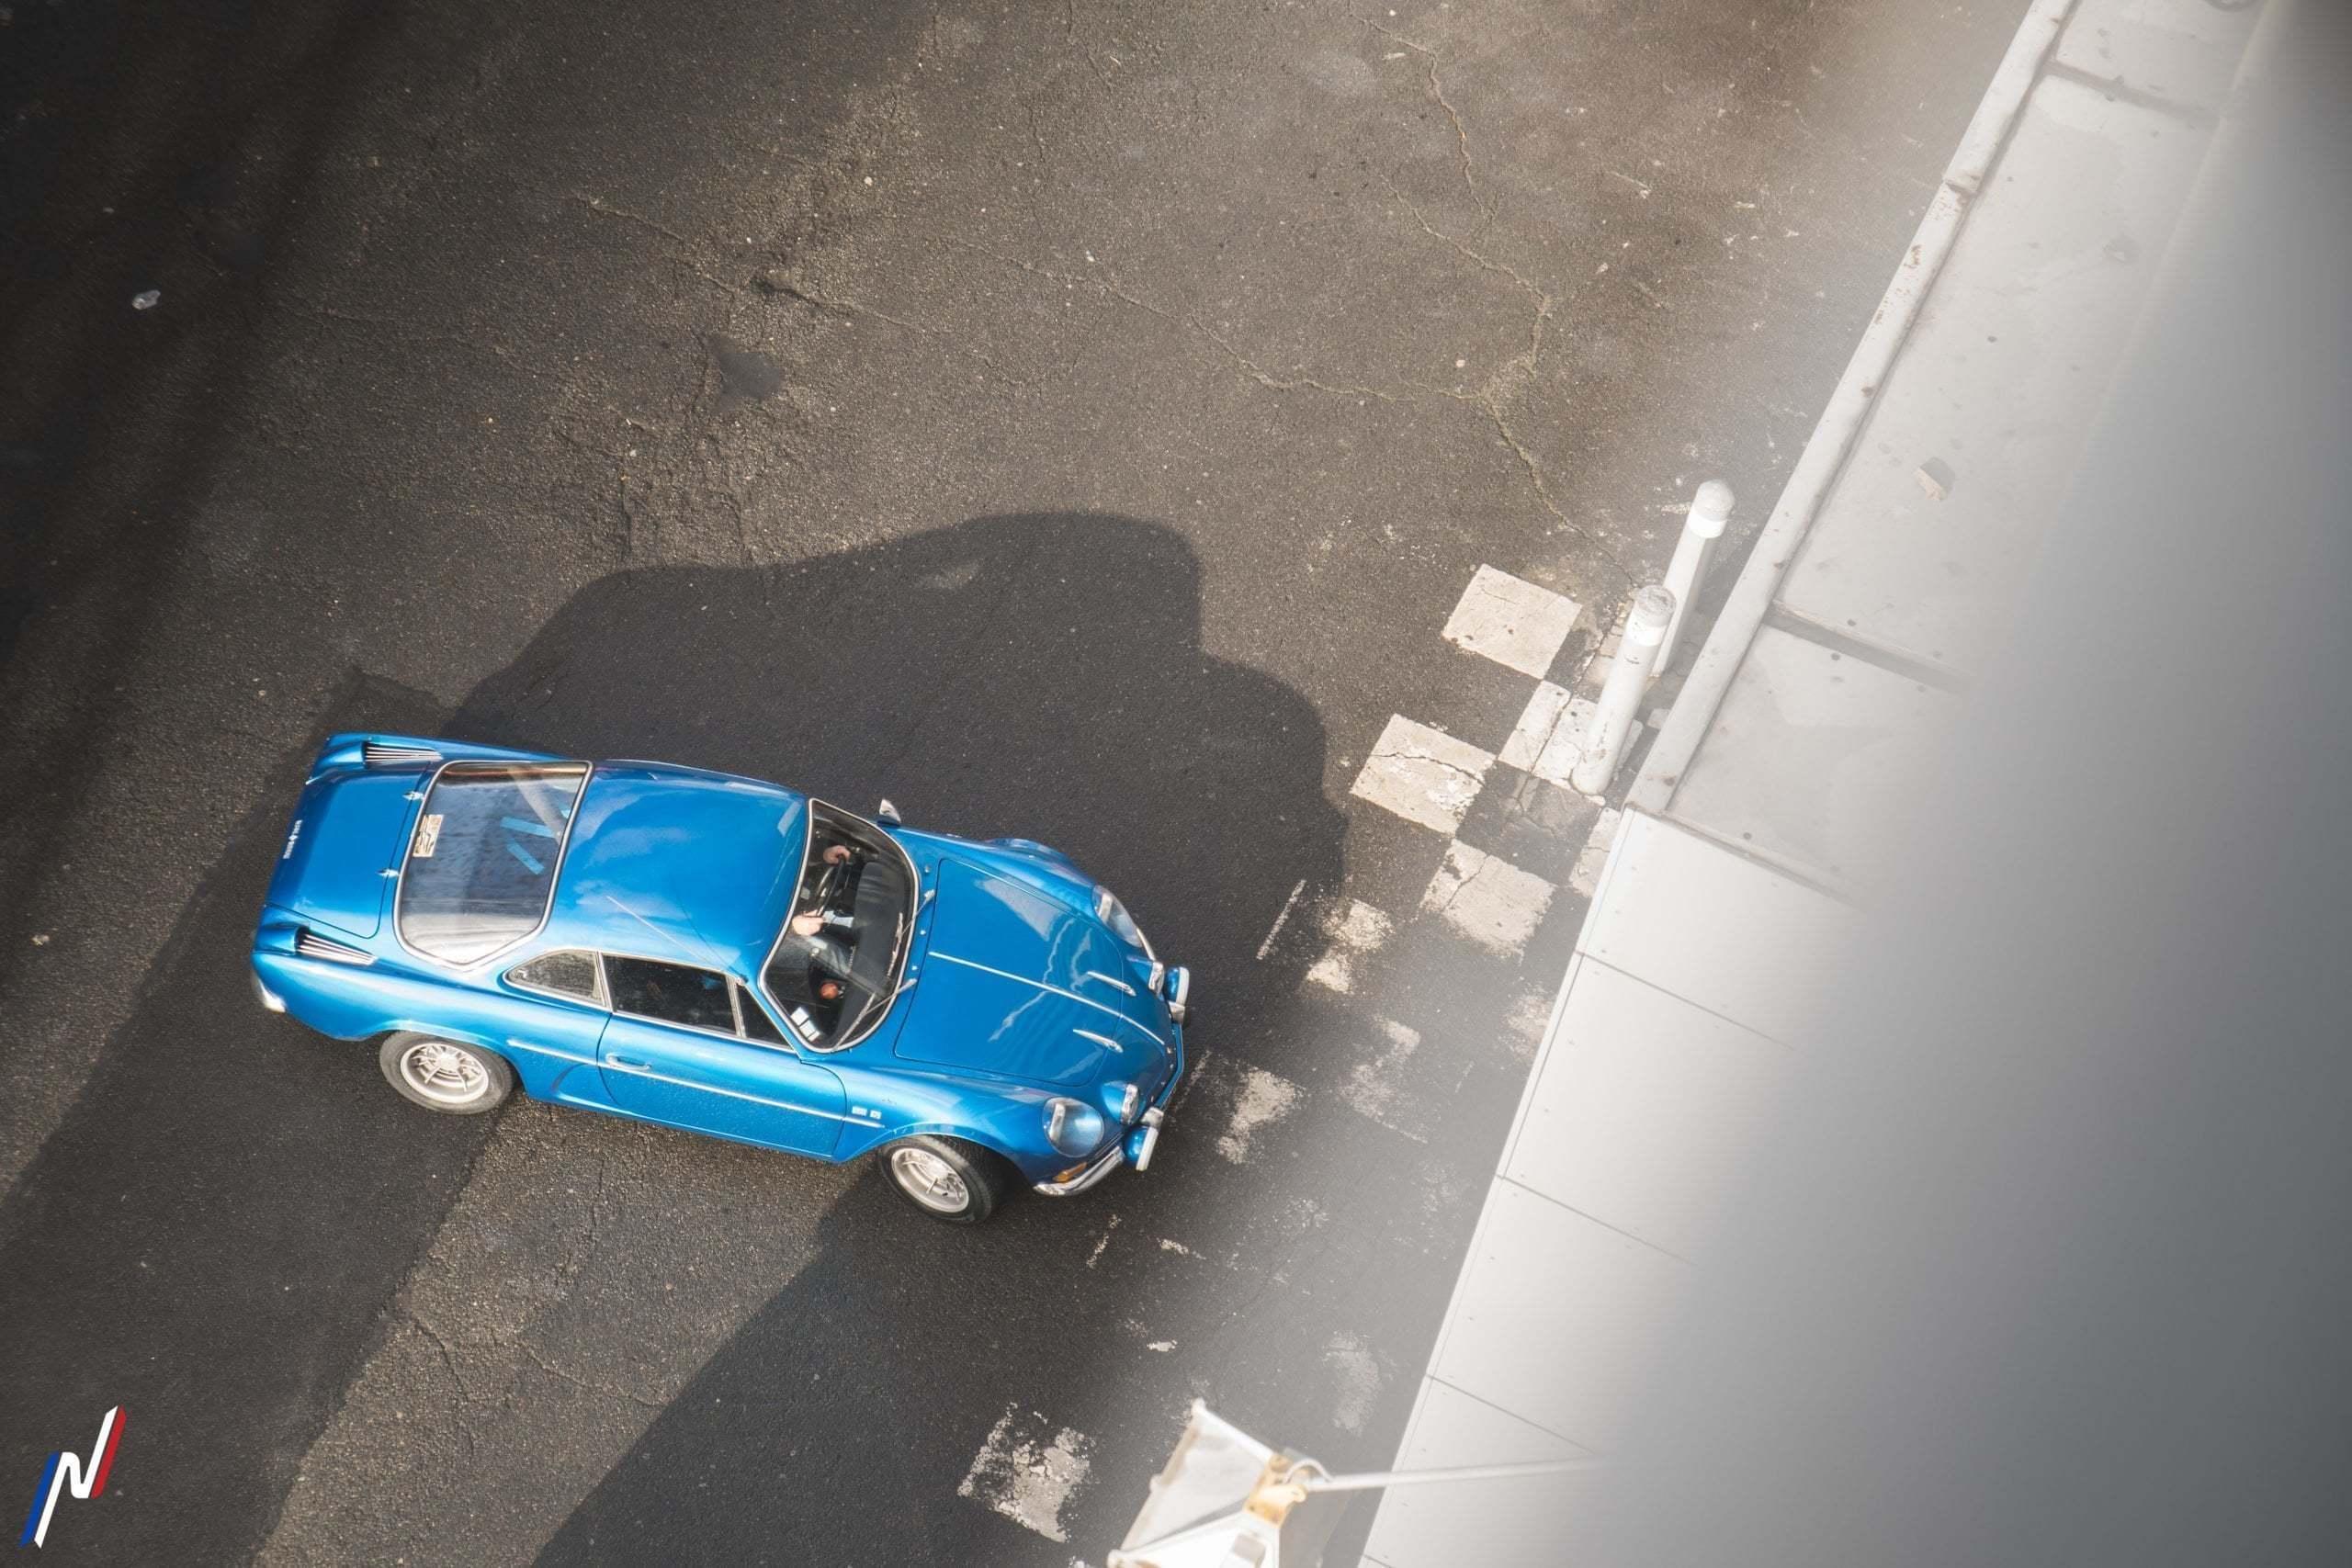 Rétromobile 2020 1 scaled - Rétromobile 2020: les Alpine en présence